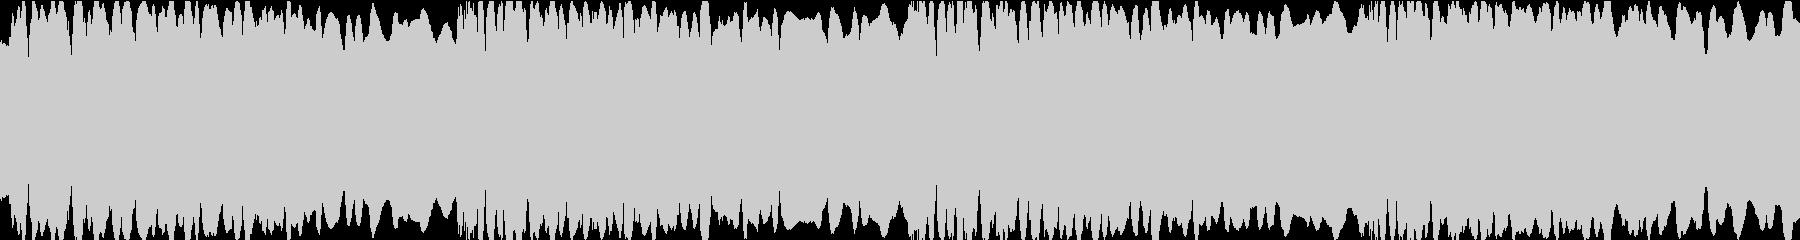 サイレンの音・ループの未再生の波形